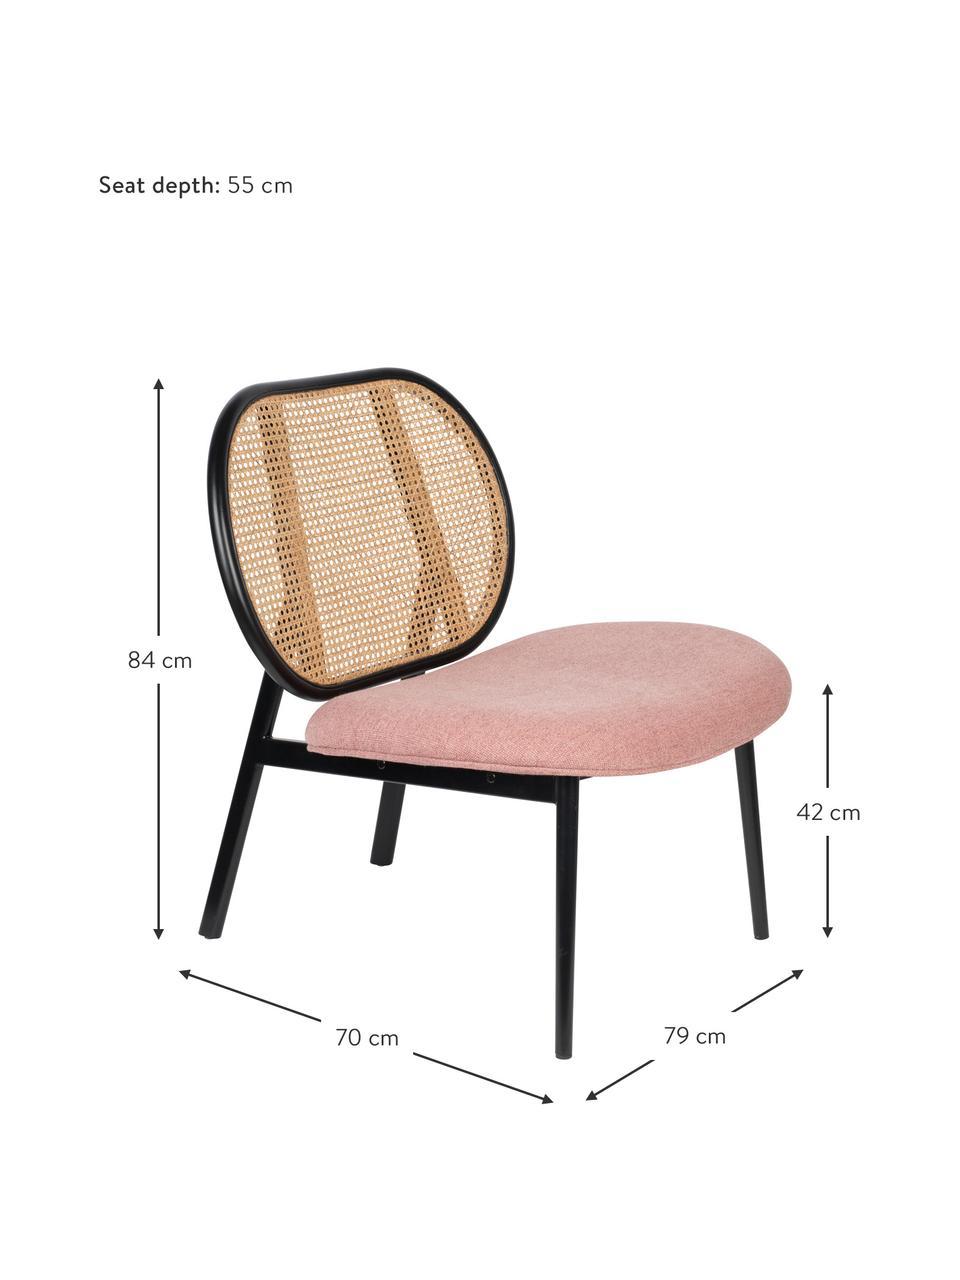 Fotel wypoczynkowy z plecionką wiedeńską Spike, Tapicerka: poliester 100 000 cykli w, Stelaż: rattan, drewno bukowe, Nogi: metal malowany proszkowo, Beżowy, blady różowy, S 79 x G 70 cm